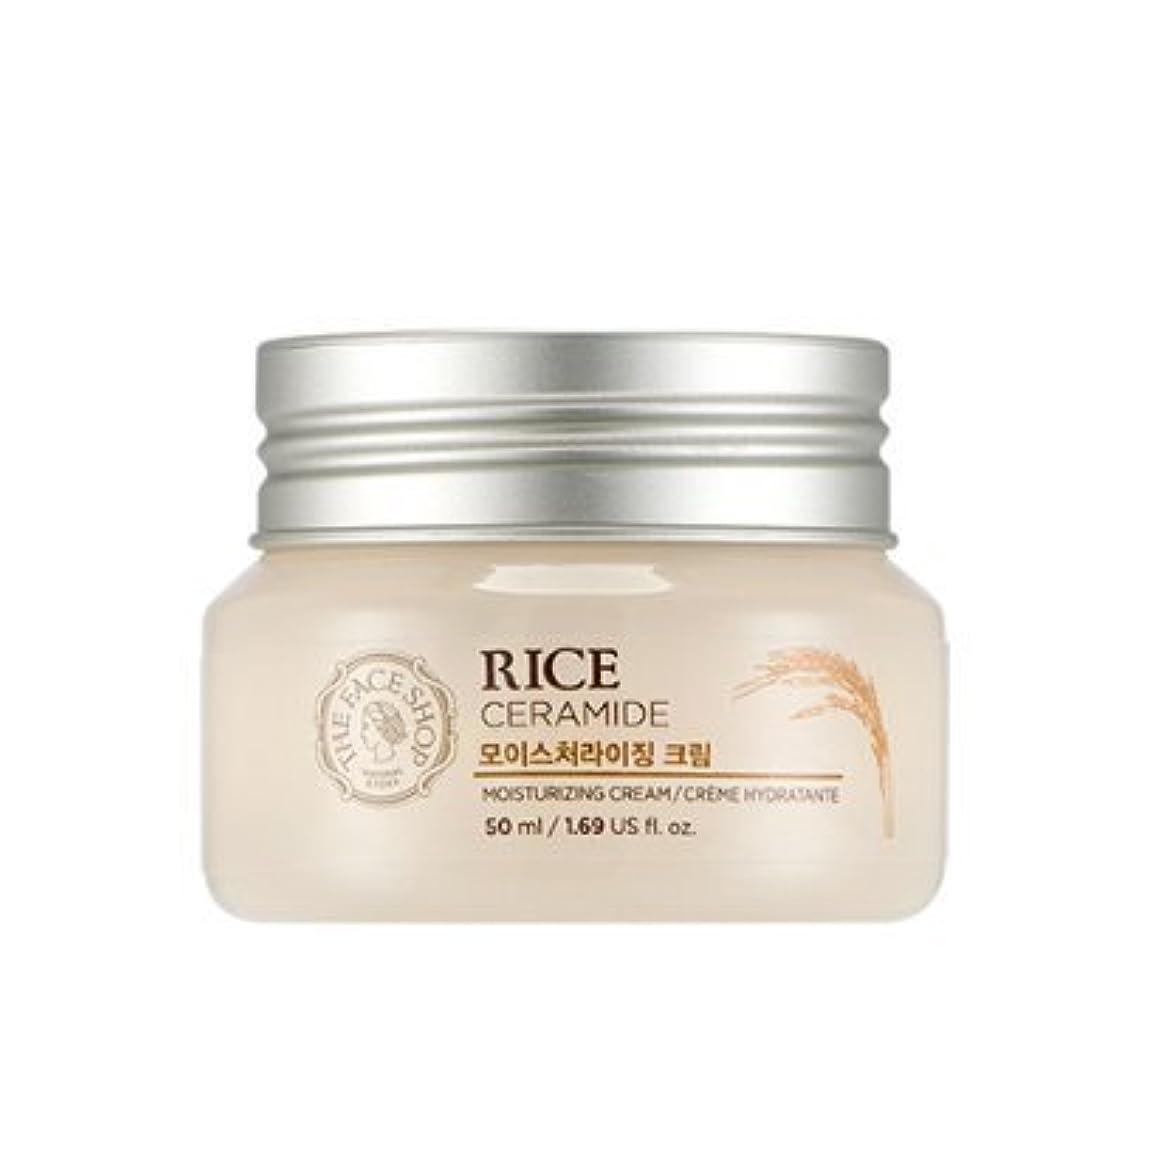 エゴイズムコードレス先行するTHE FACE SHOP Rice & Ceramide Moisturizing Cream ザフェイスショップ ライス&セラミドモイスチャーライジングクリーム [並行輸入品]